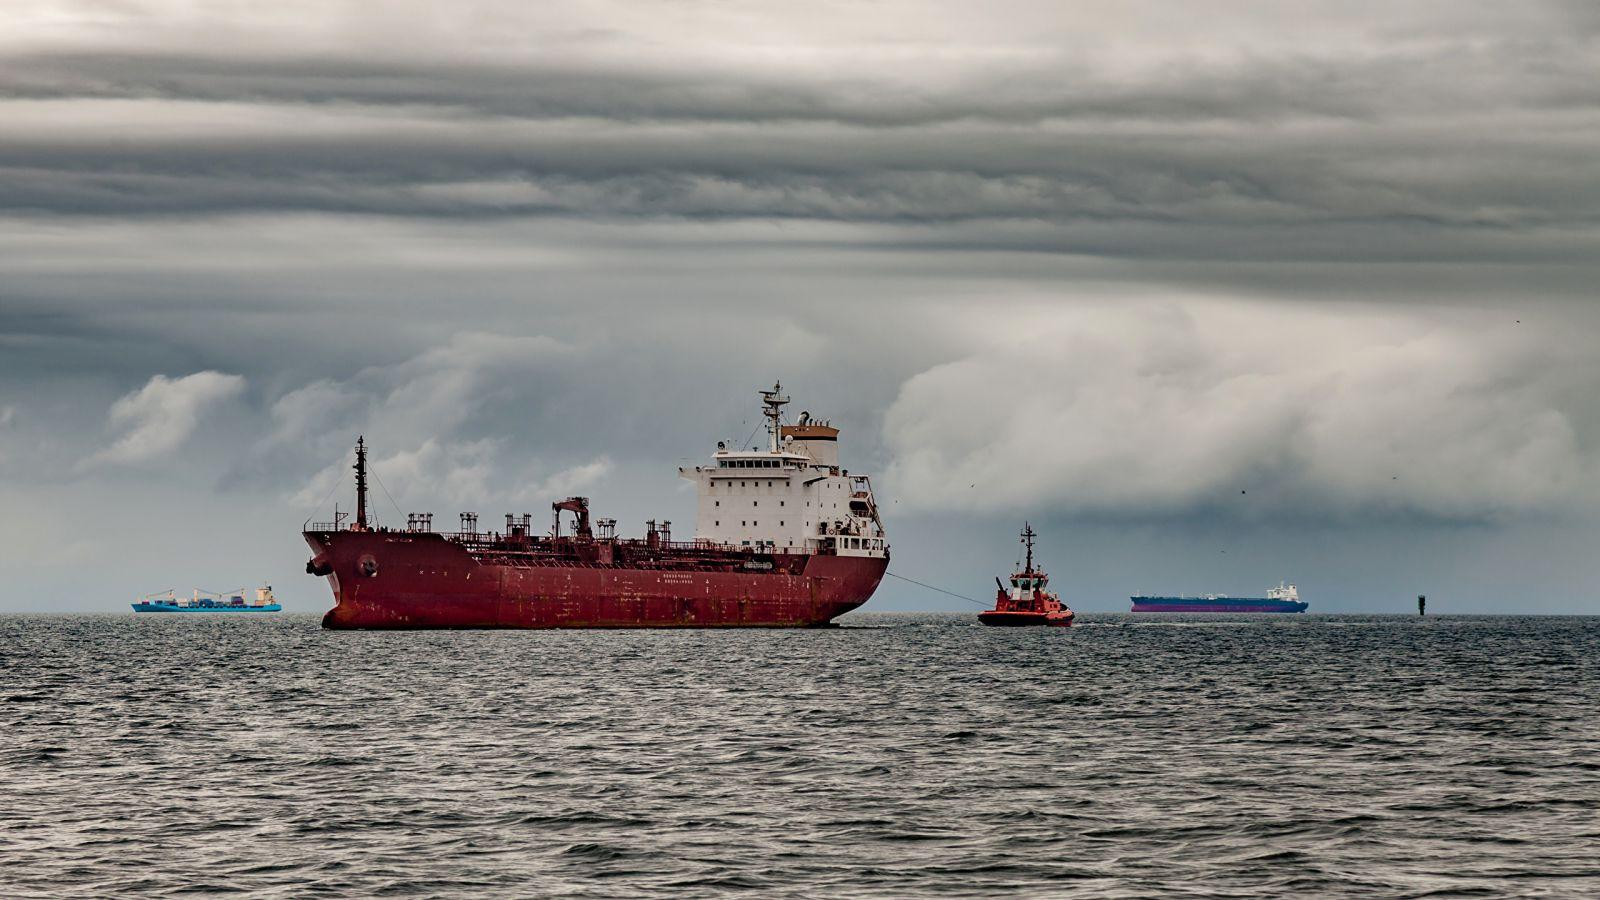 Китай скупает канадскую нефть на $50 за баррель дешевле WTI и Brent - СМИ